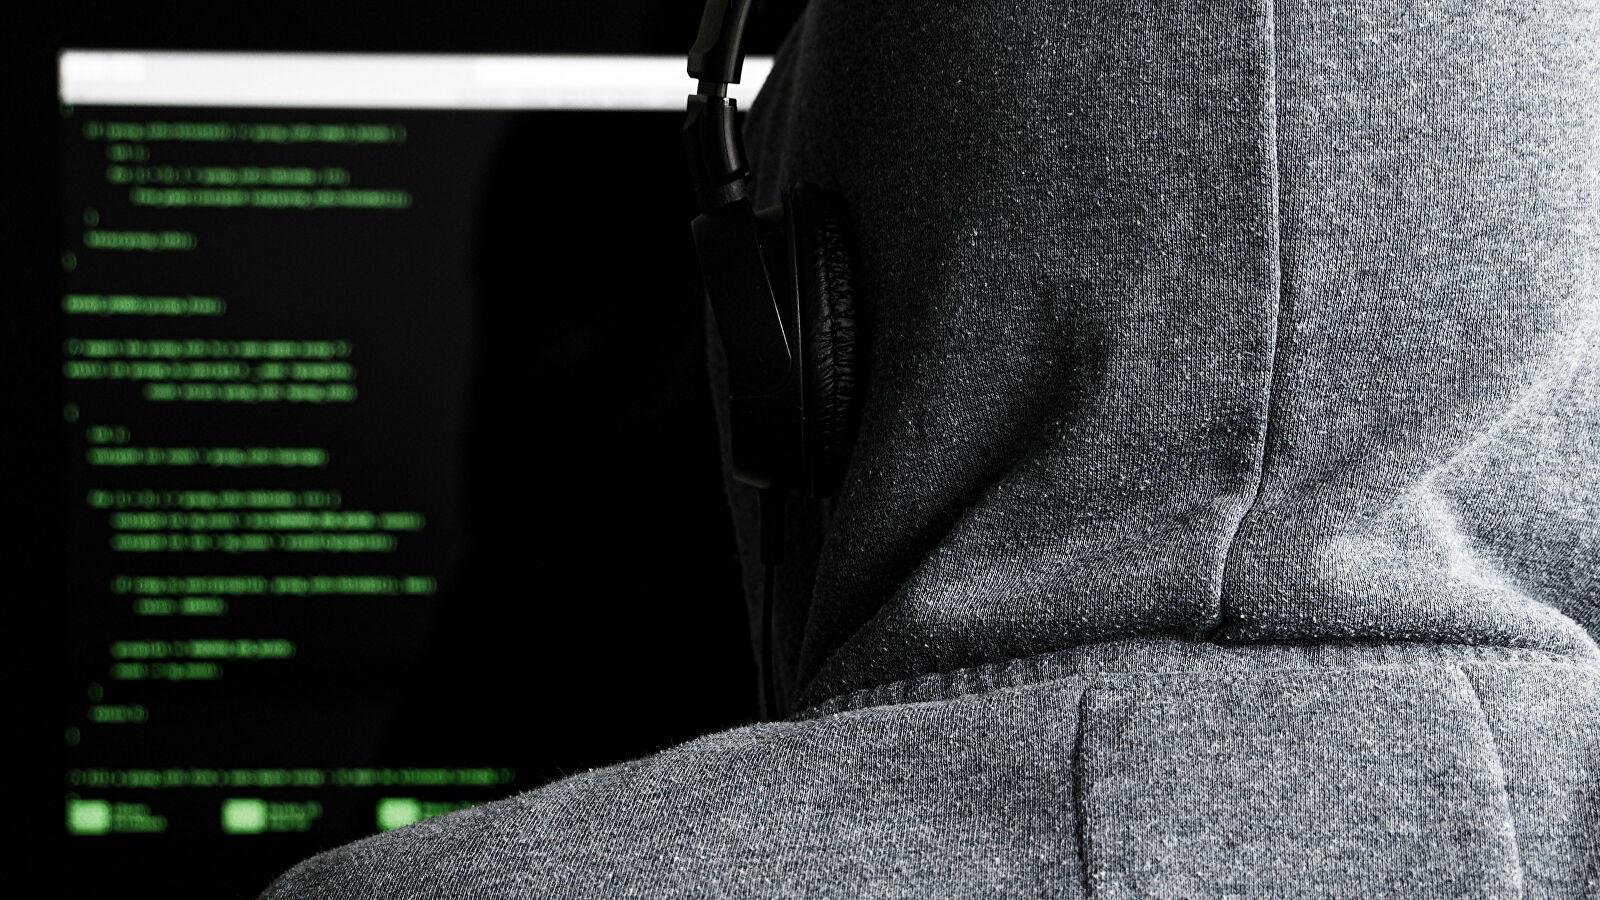 Хакеры из КНДР атаковали фармацевтические компании в Южной Корее